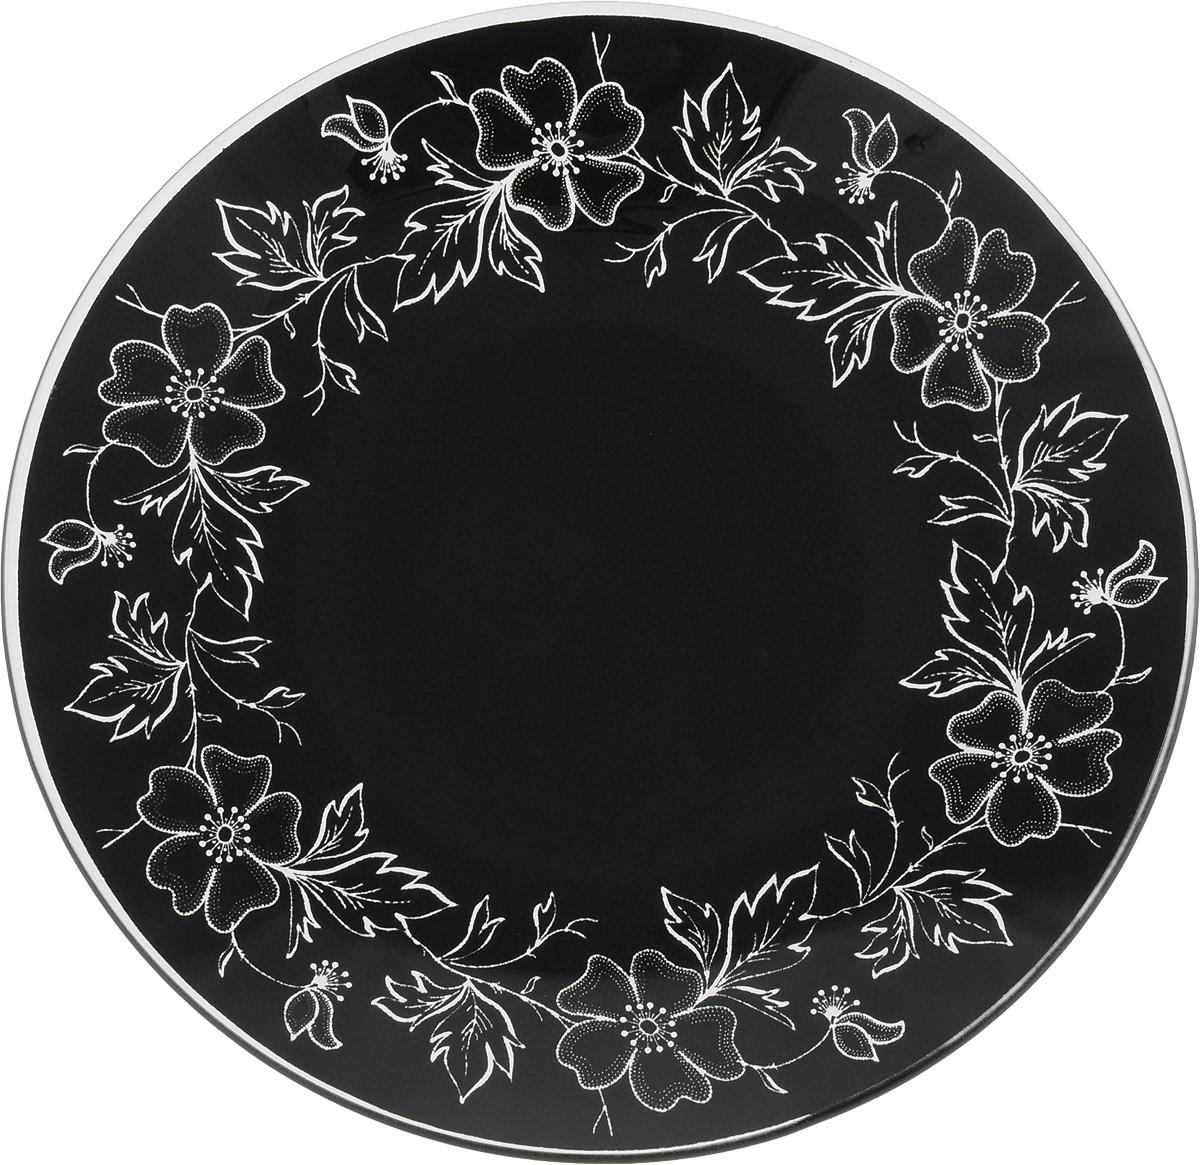 Тарелка Nina Glass Лара, цвет: черный, диаметр 20 смNG85-200-075BКруглая тарелка Nina Glass Лара выполнена из моллированного стекла. Высокая температура спекания делает изделие литым, сплошным, не боящимся в дальнейшем царапин. Такую посуду можно мыть в посудомоечной машине. Краска не отстанет, а поверхность безопасна при контакте с любой пищей. Такая тарелка будет служить вам долгое время.